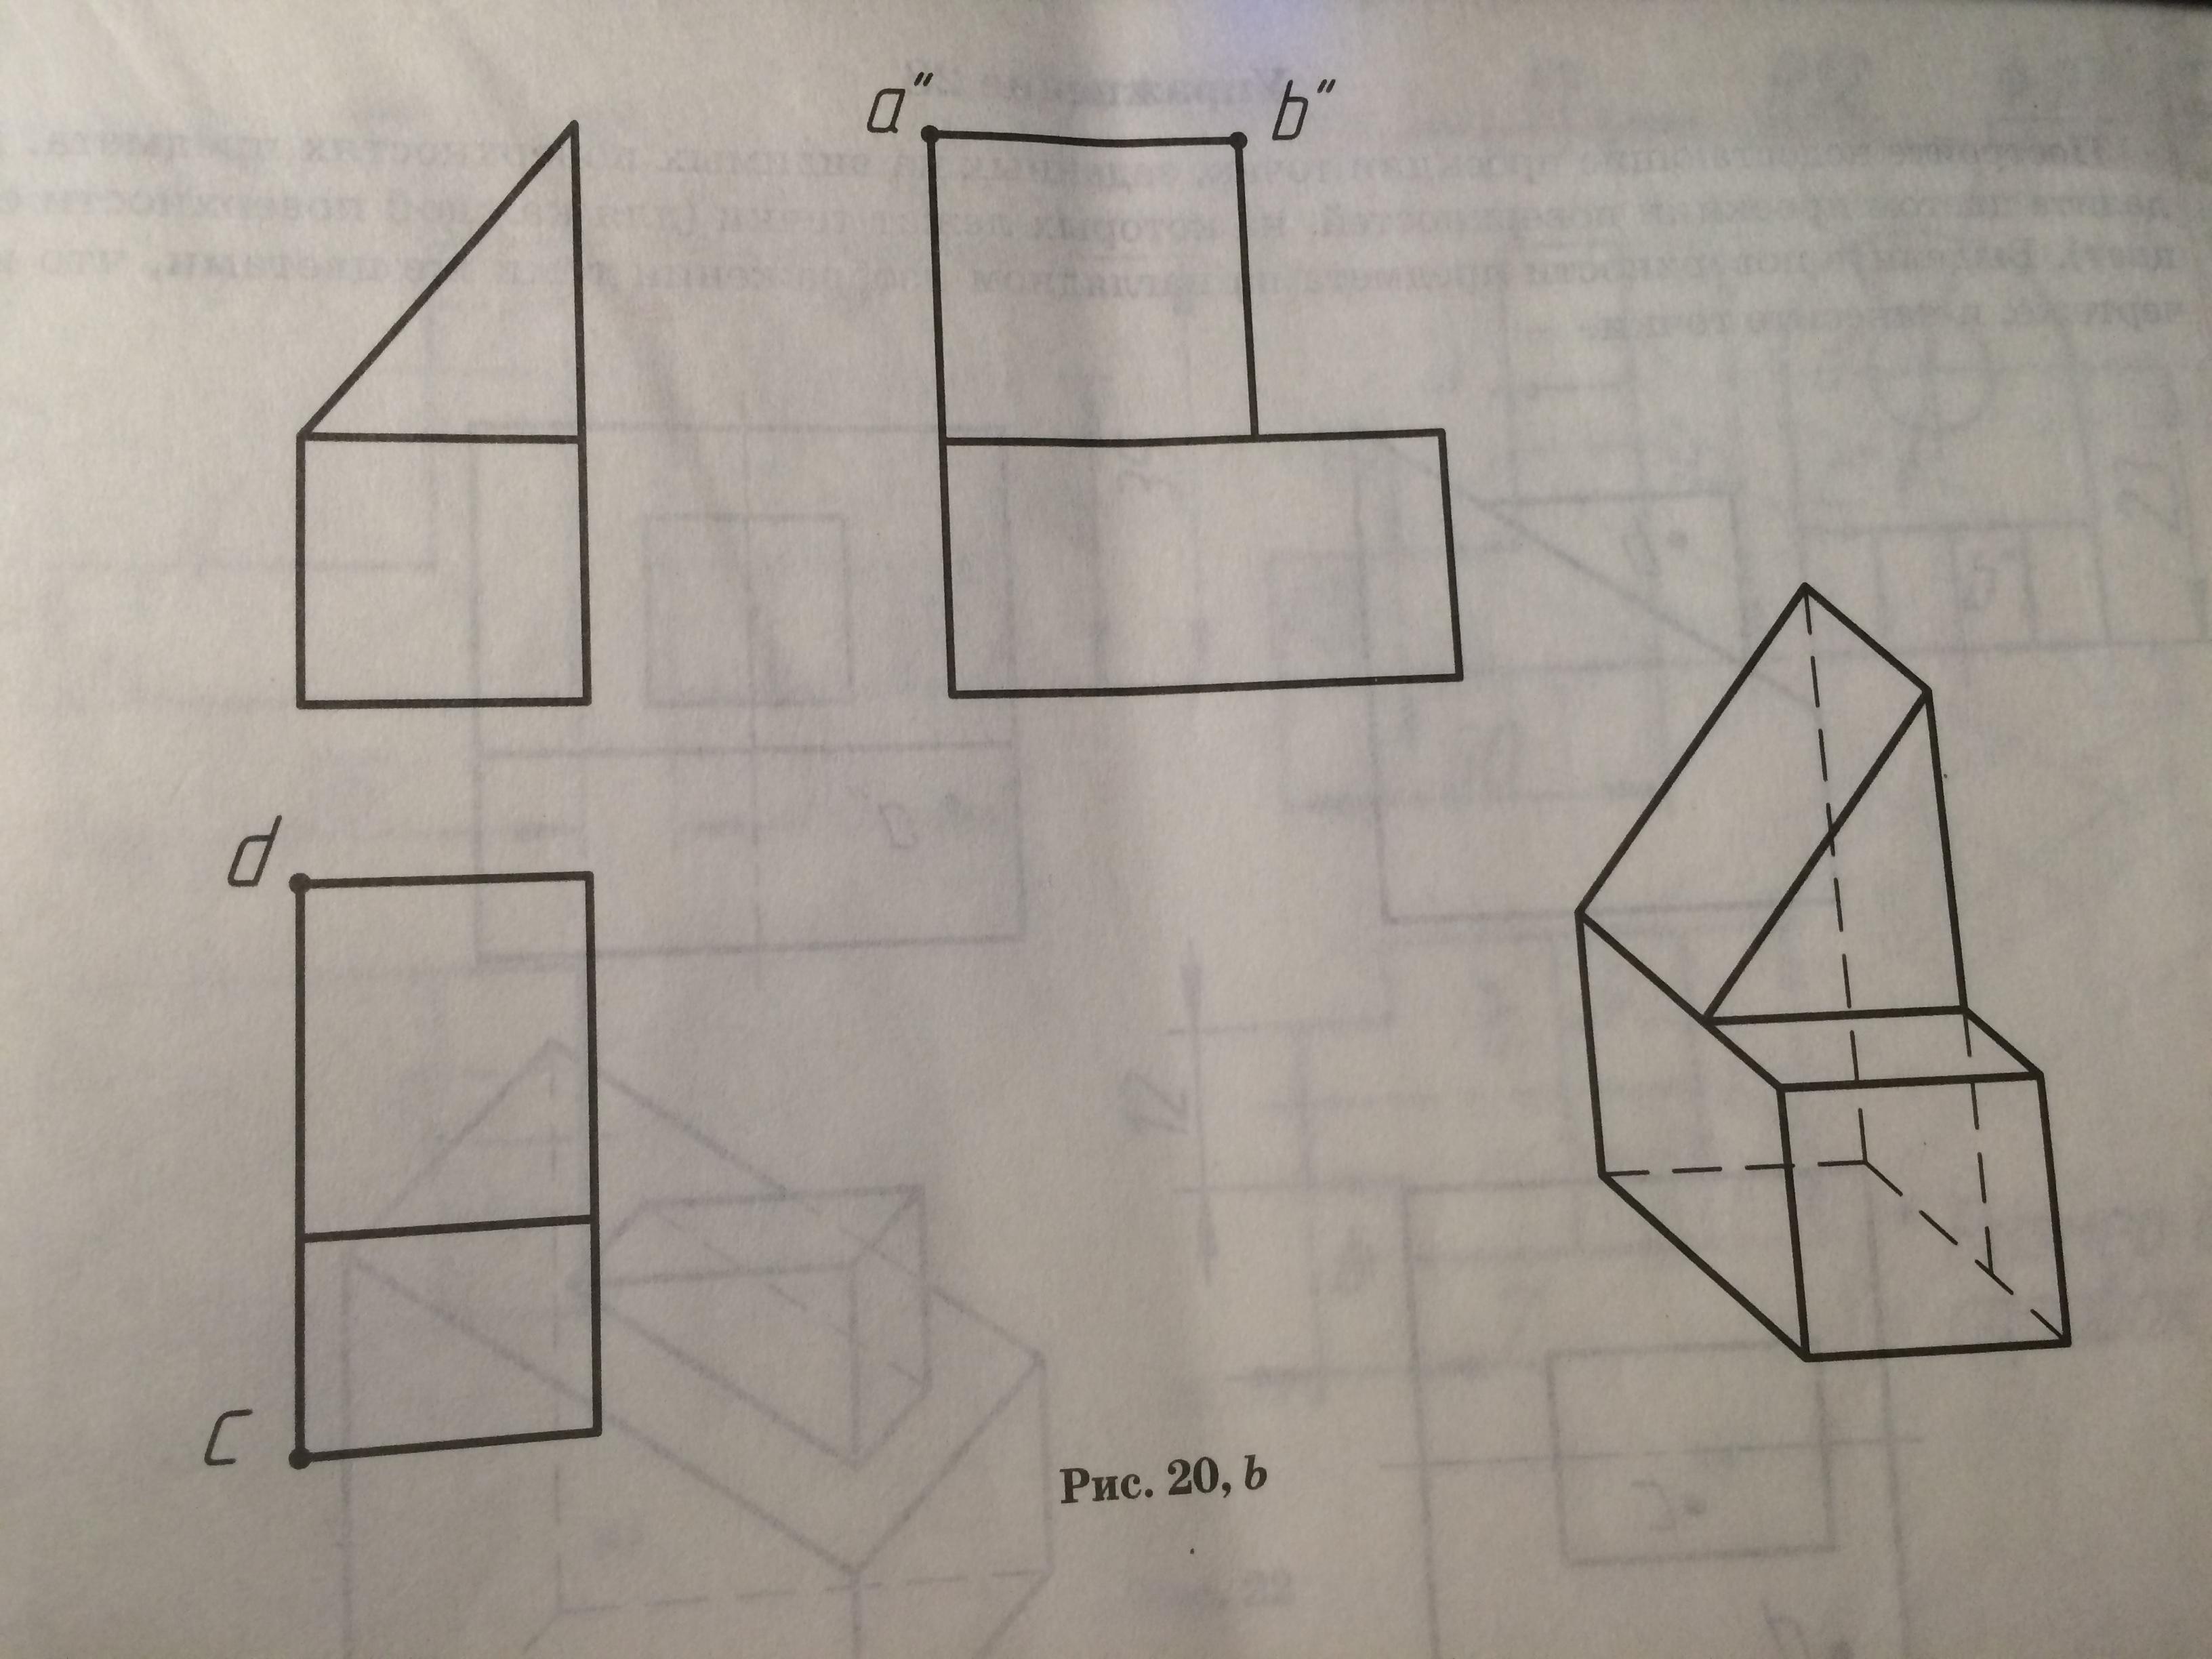 D:\ира\Рисовалки редктированные\черчение\уроки 10 кл\проекции вершин граней ребер\IMG_4162.JPG